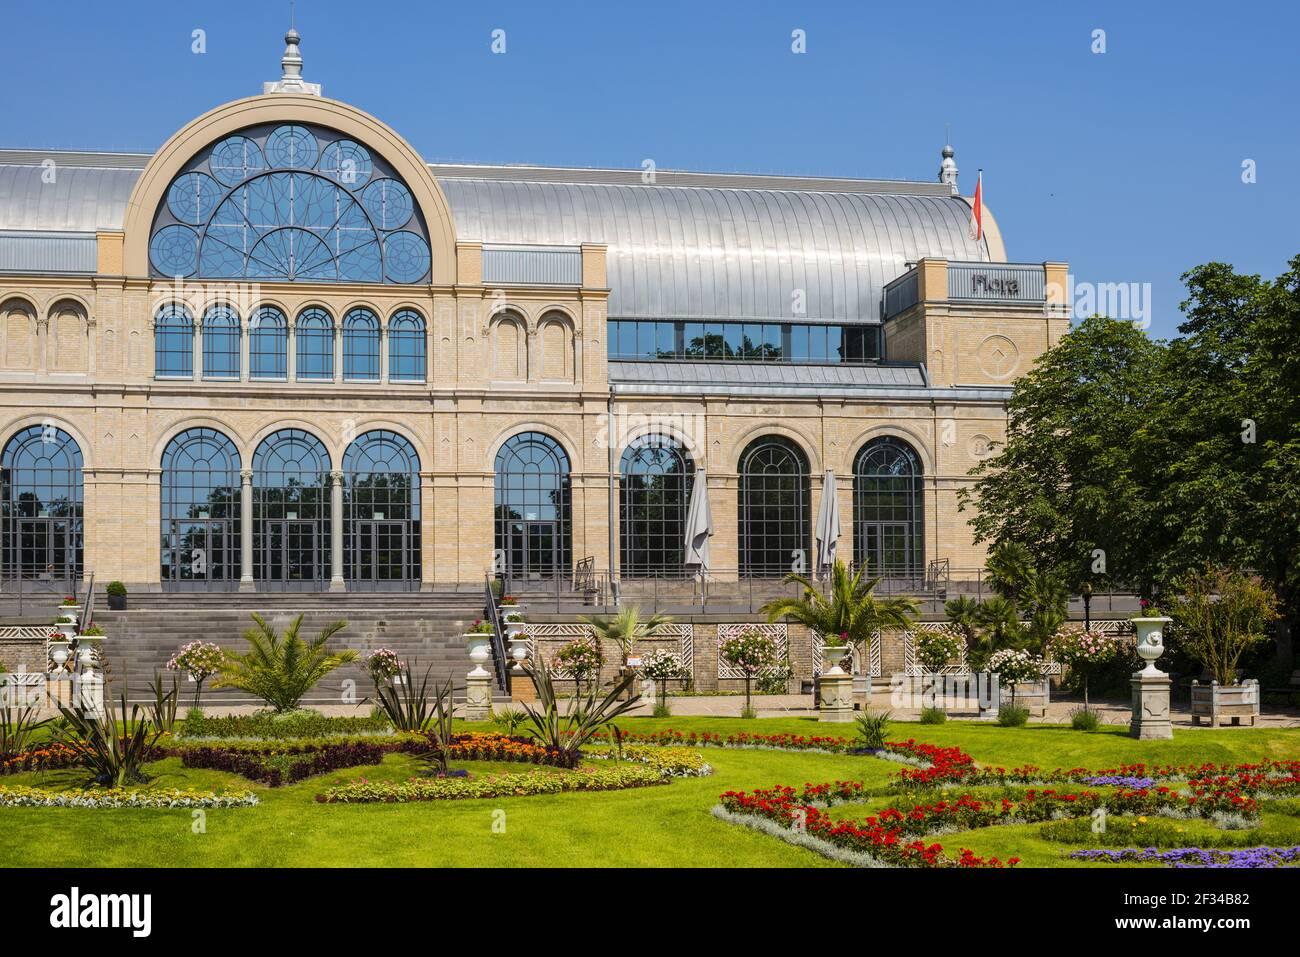 Géographie / voyage, Allemagne, Rhénanie-du-Nord-Westphalie, jardin botanique, salle des fêtes de la flore, Cologne, liberté de panorama Banque D'Images